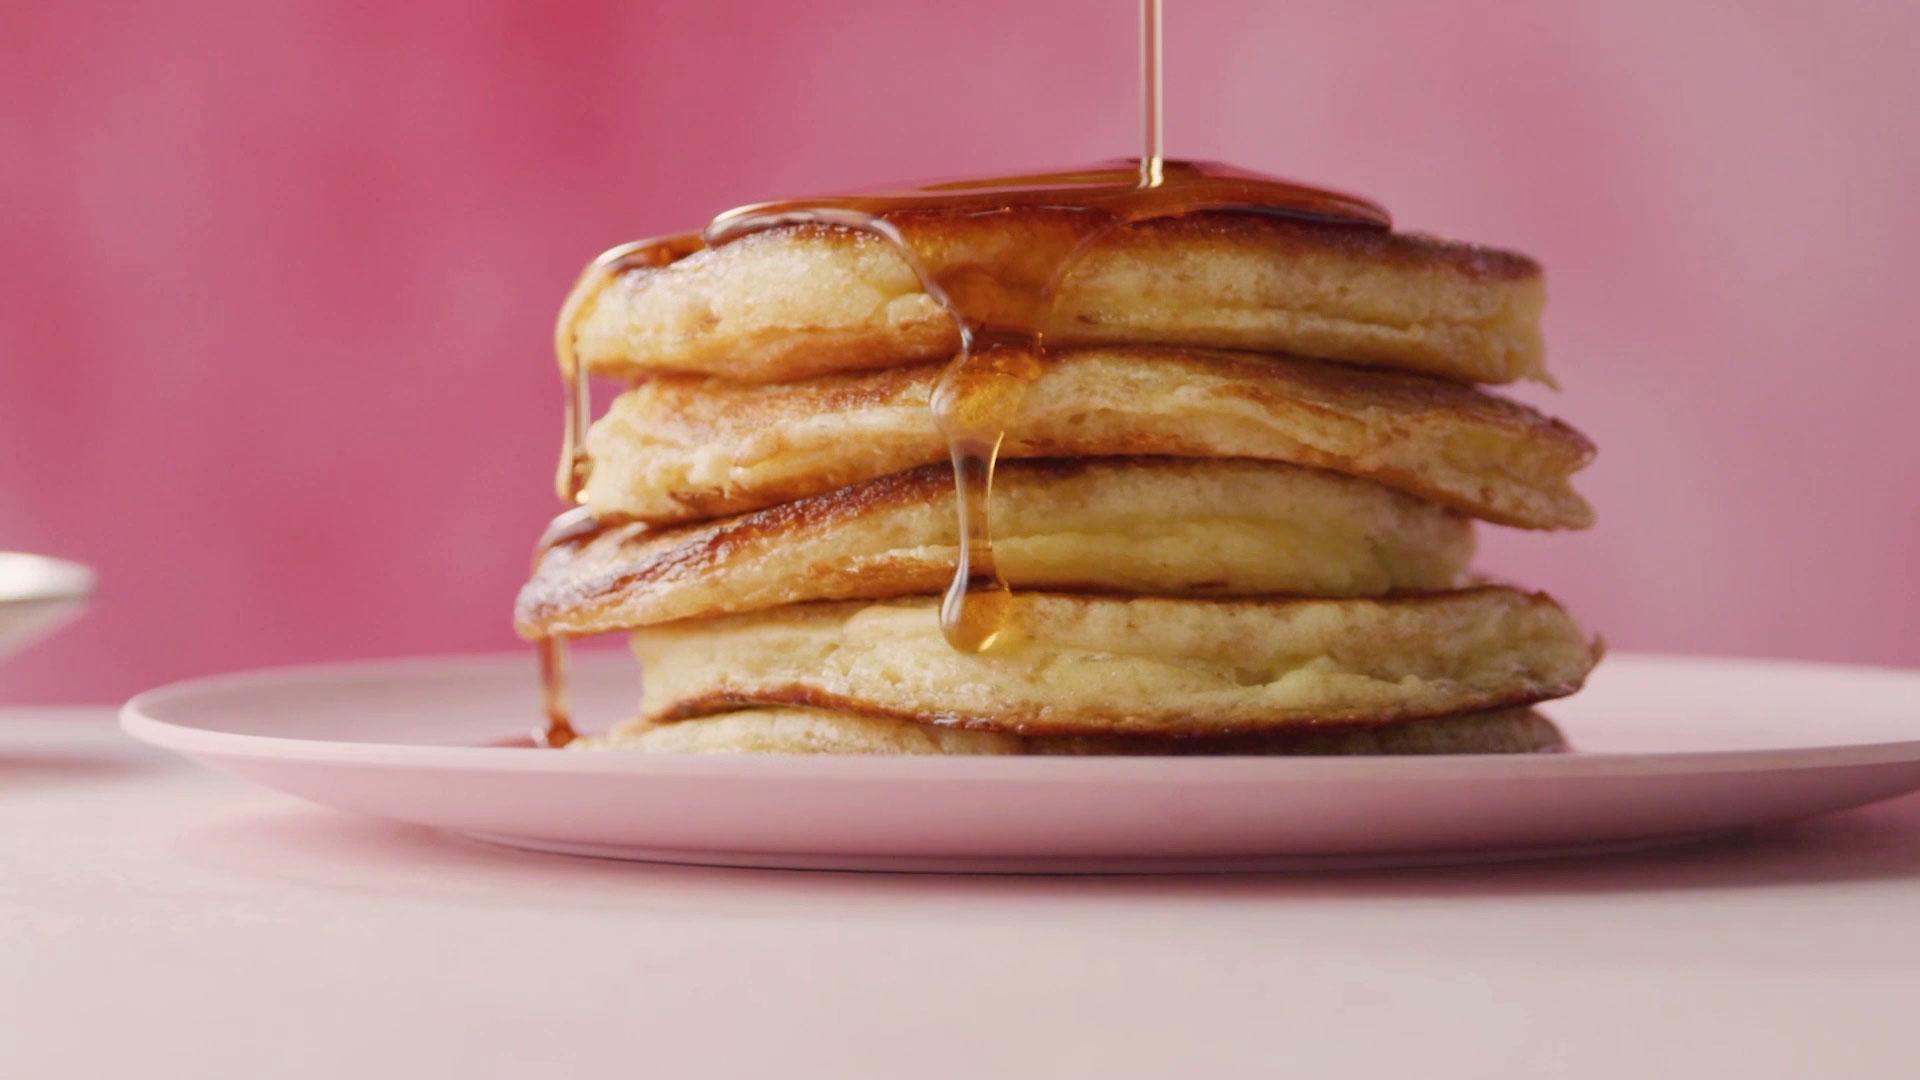 ryanszulc_pancakes2